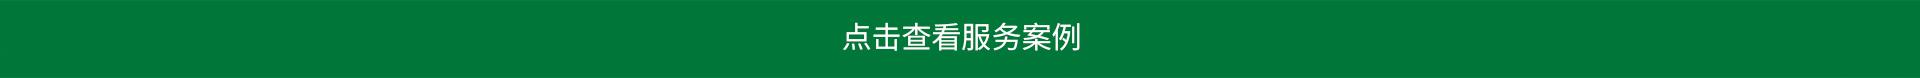 万怡会展页面(1)_24.jpg